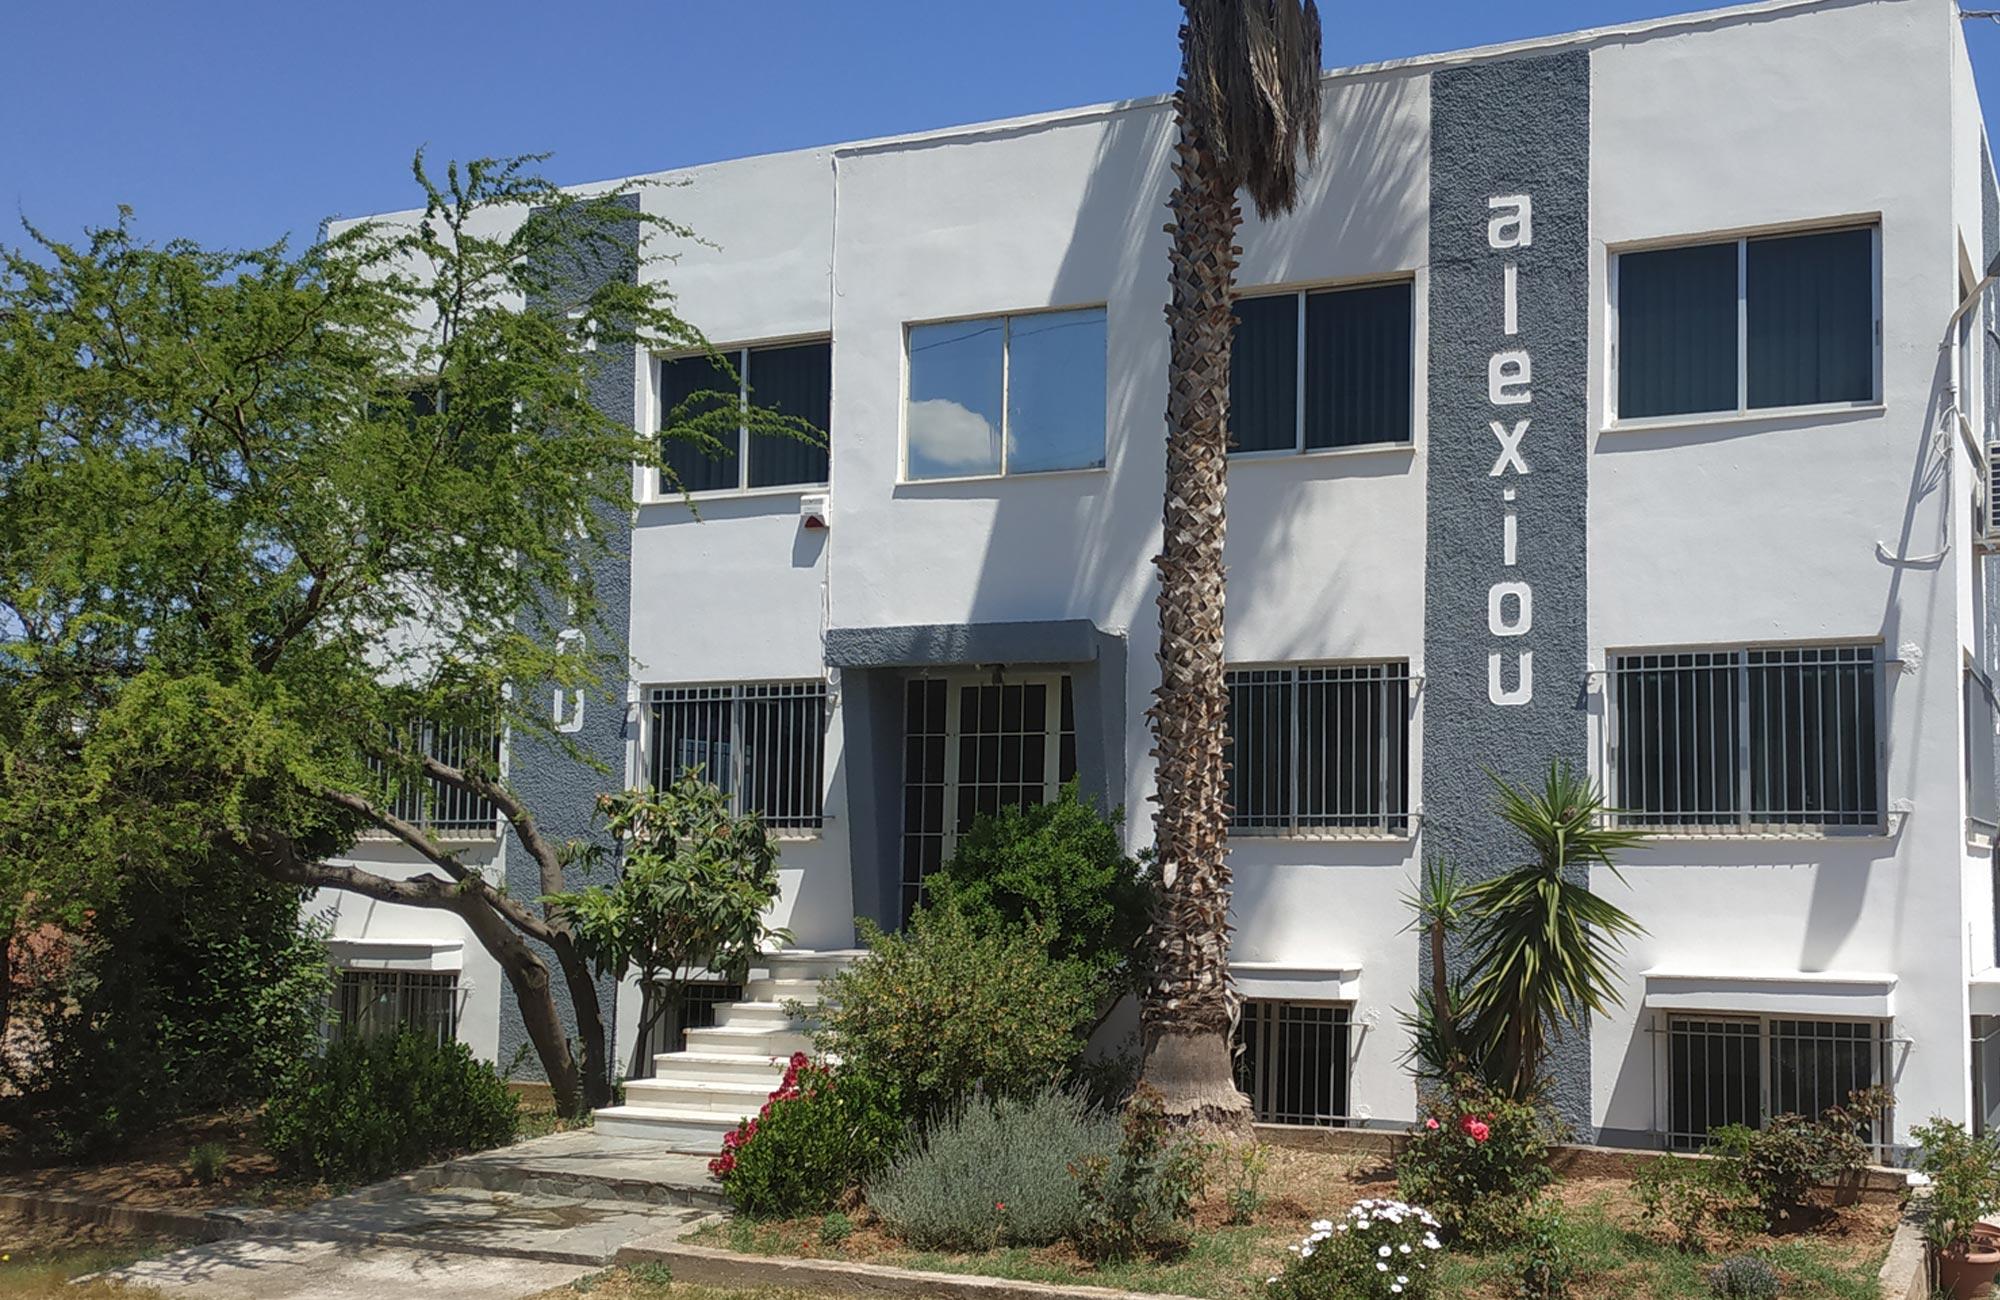 ζυγιστικά συστήματα και αυτοματισμοί από την εταιρία Αλεξίου ΑΒΕΕ στη Μάνδρα Αττικής